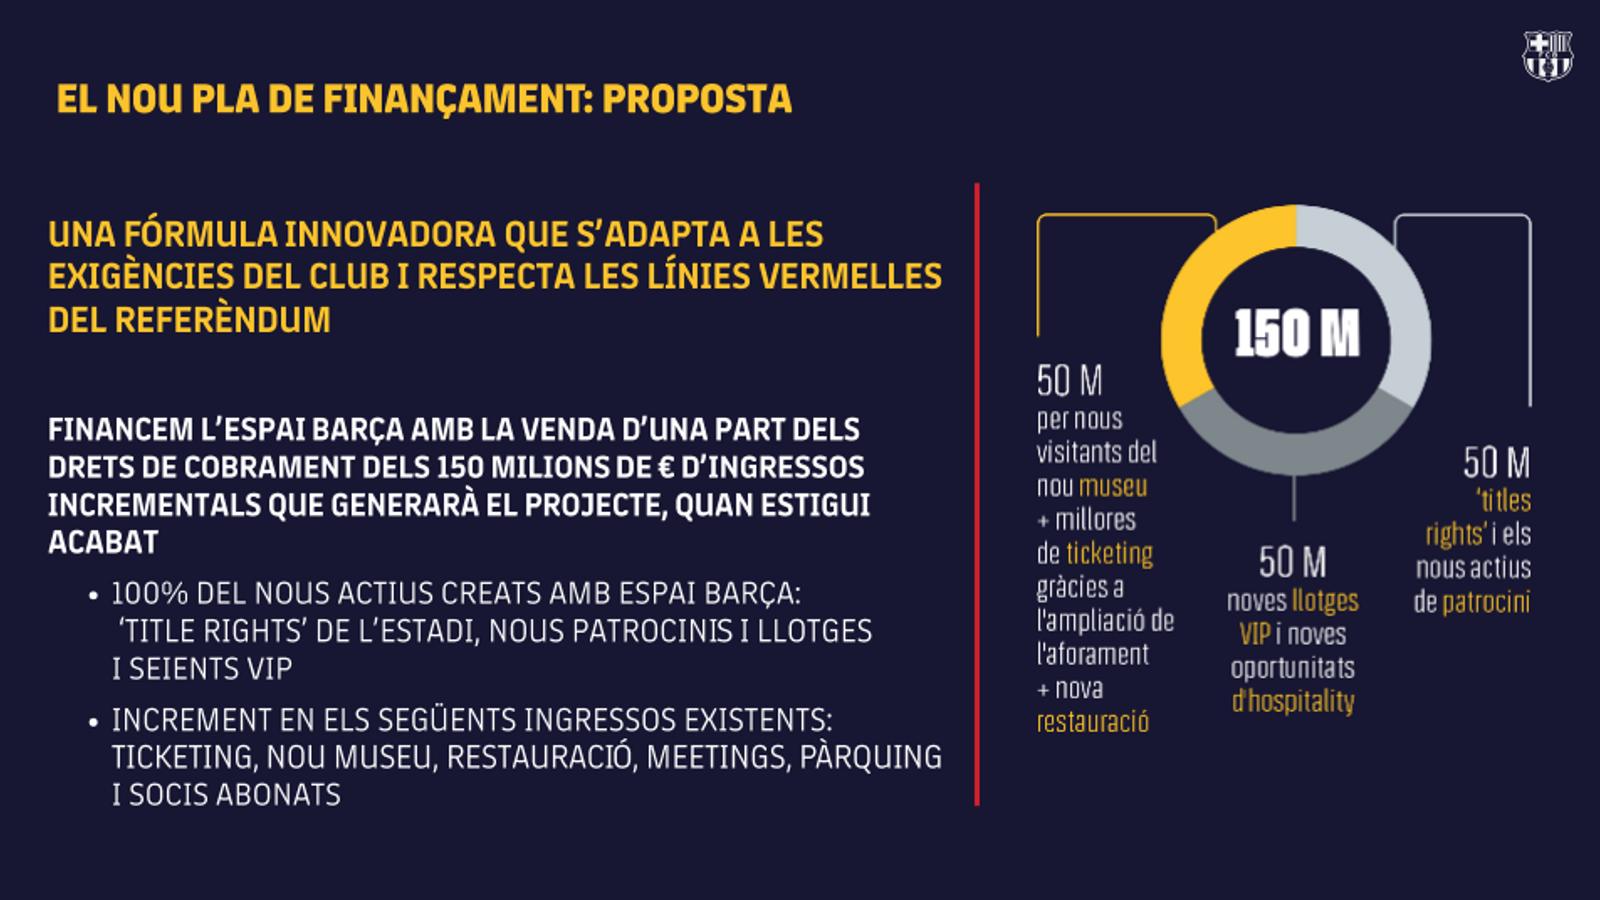 El nou pla de finançament que proposa el Barça per a l'Espai Barça